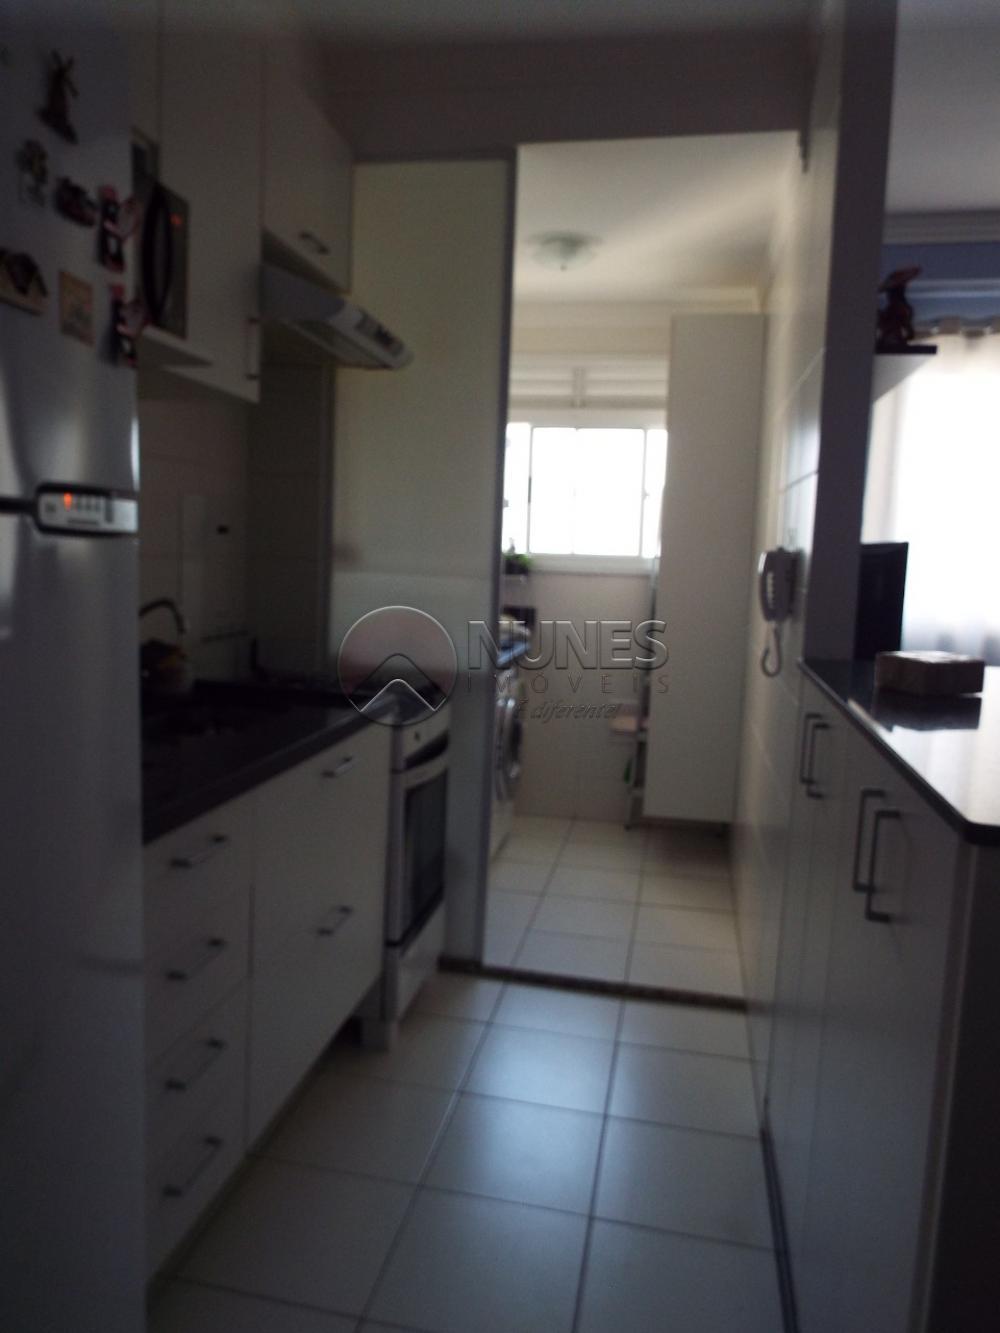 Comprar Apartamento / Padrão em Barueri apenas R$ 275.000,00 - Foto 10